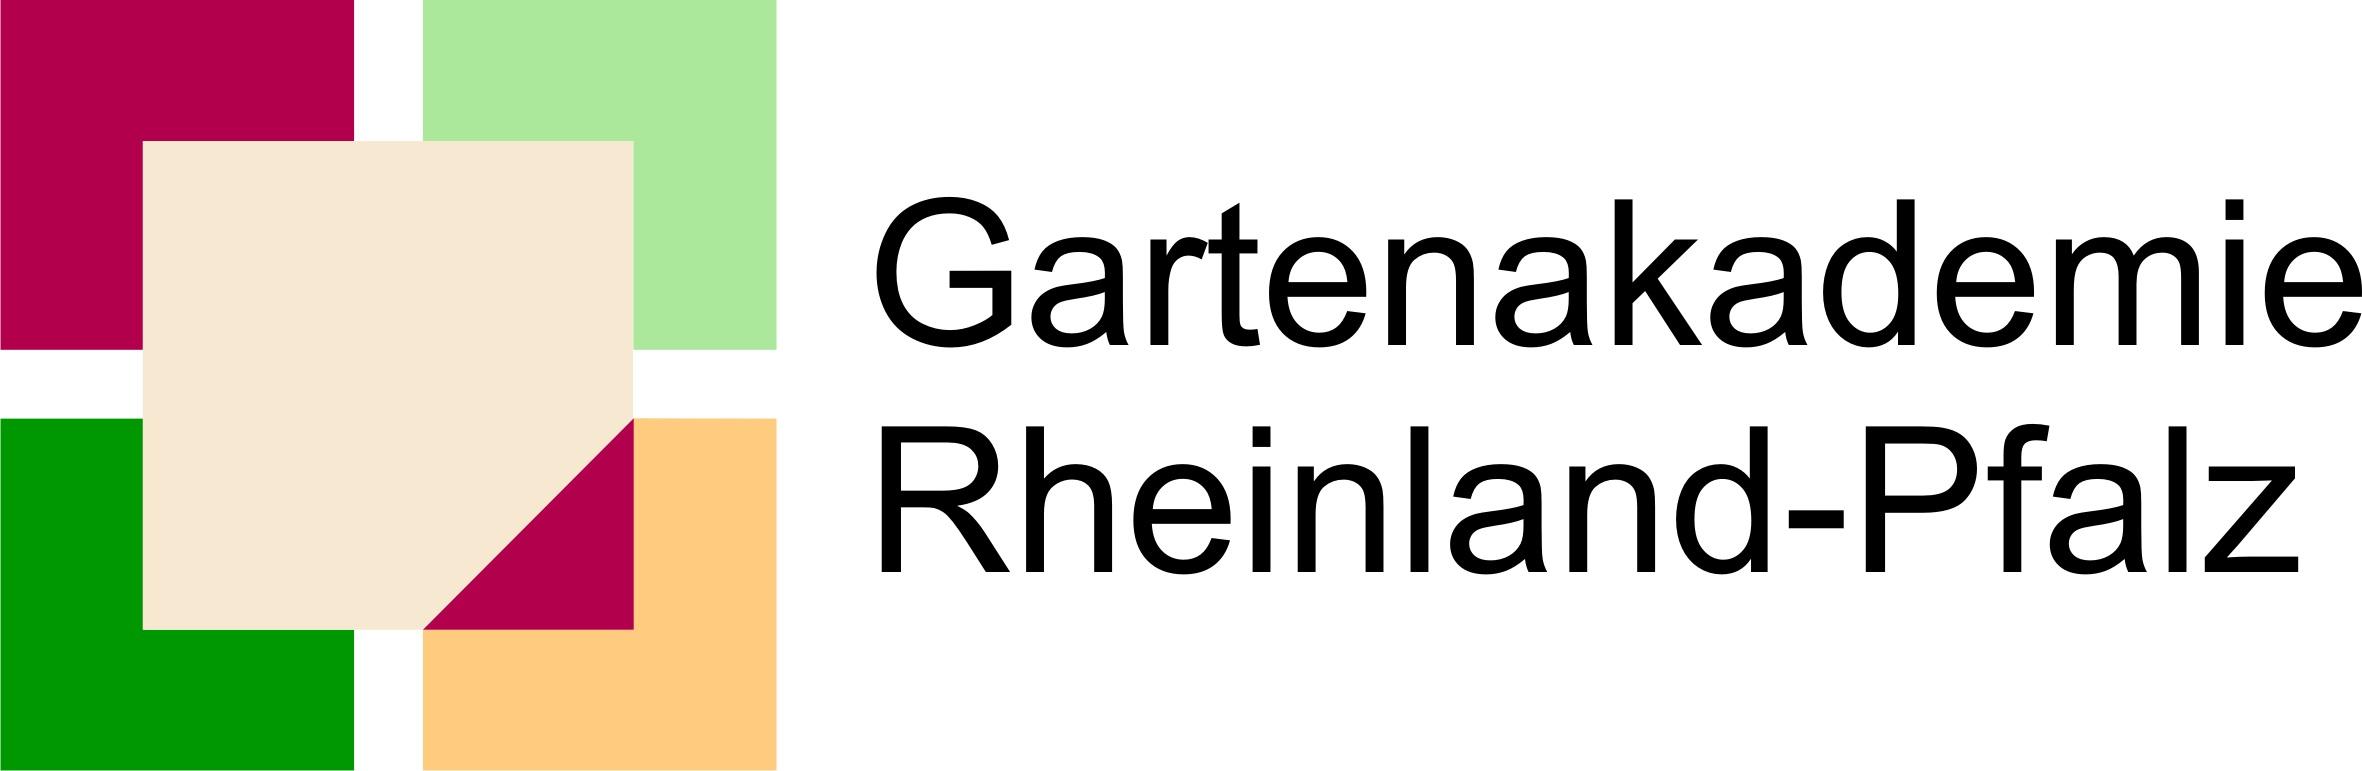 quadrat_gartenakad